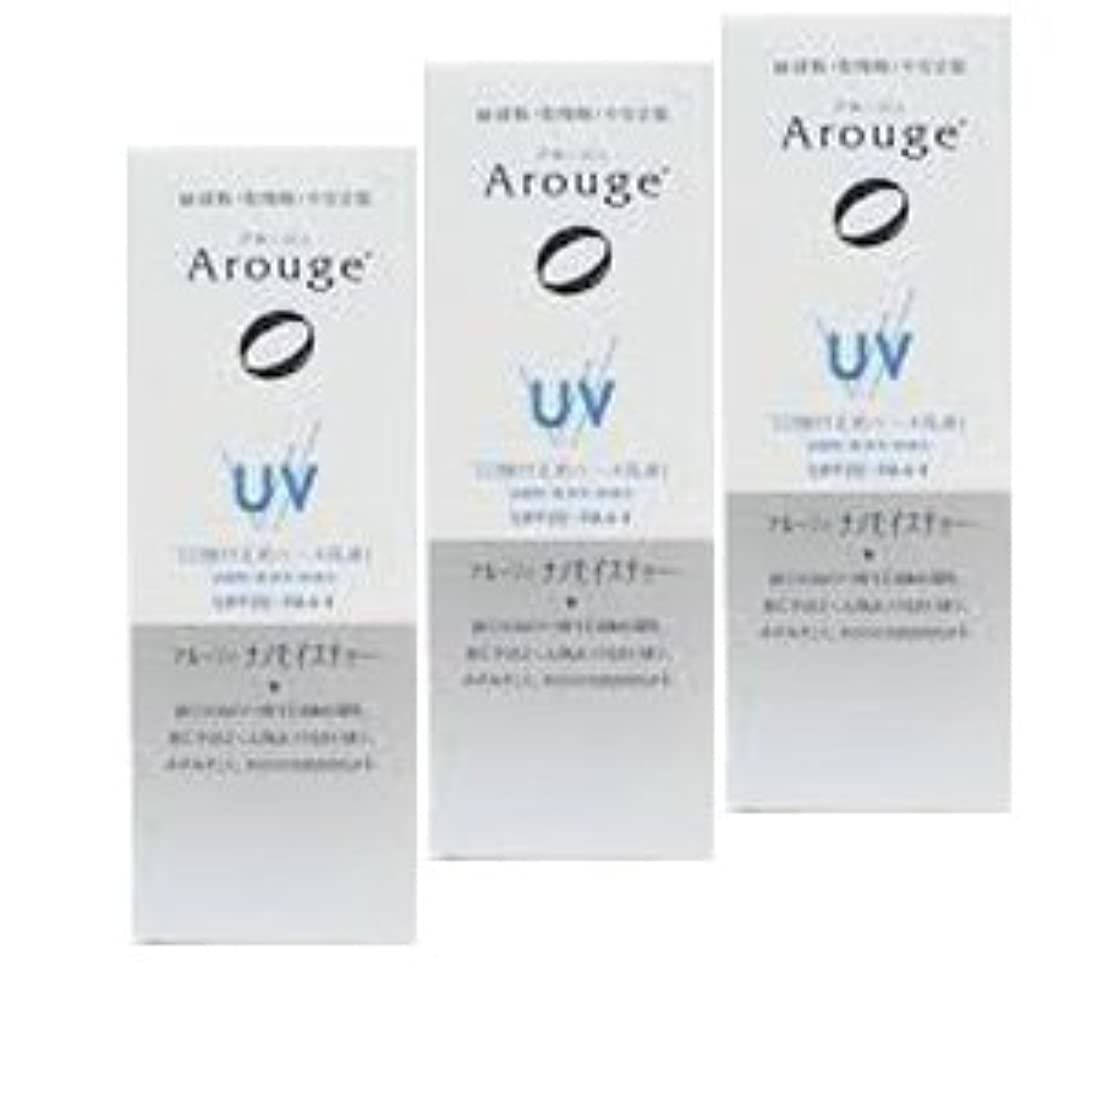 補助以上デンプシー【3個】アルージェ UVモイストビューティーアップ 25gx3個(4987305951519)